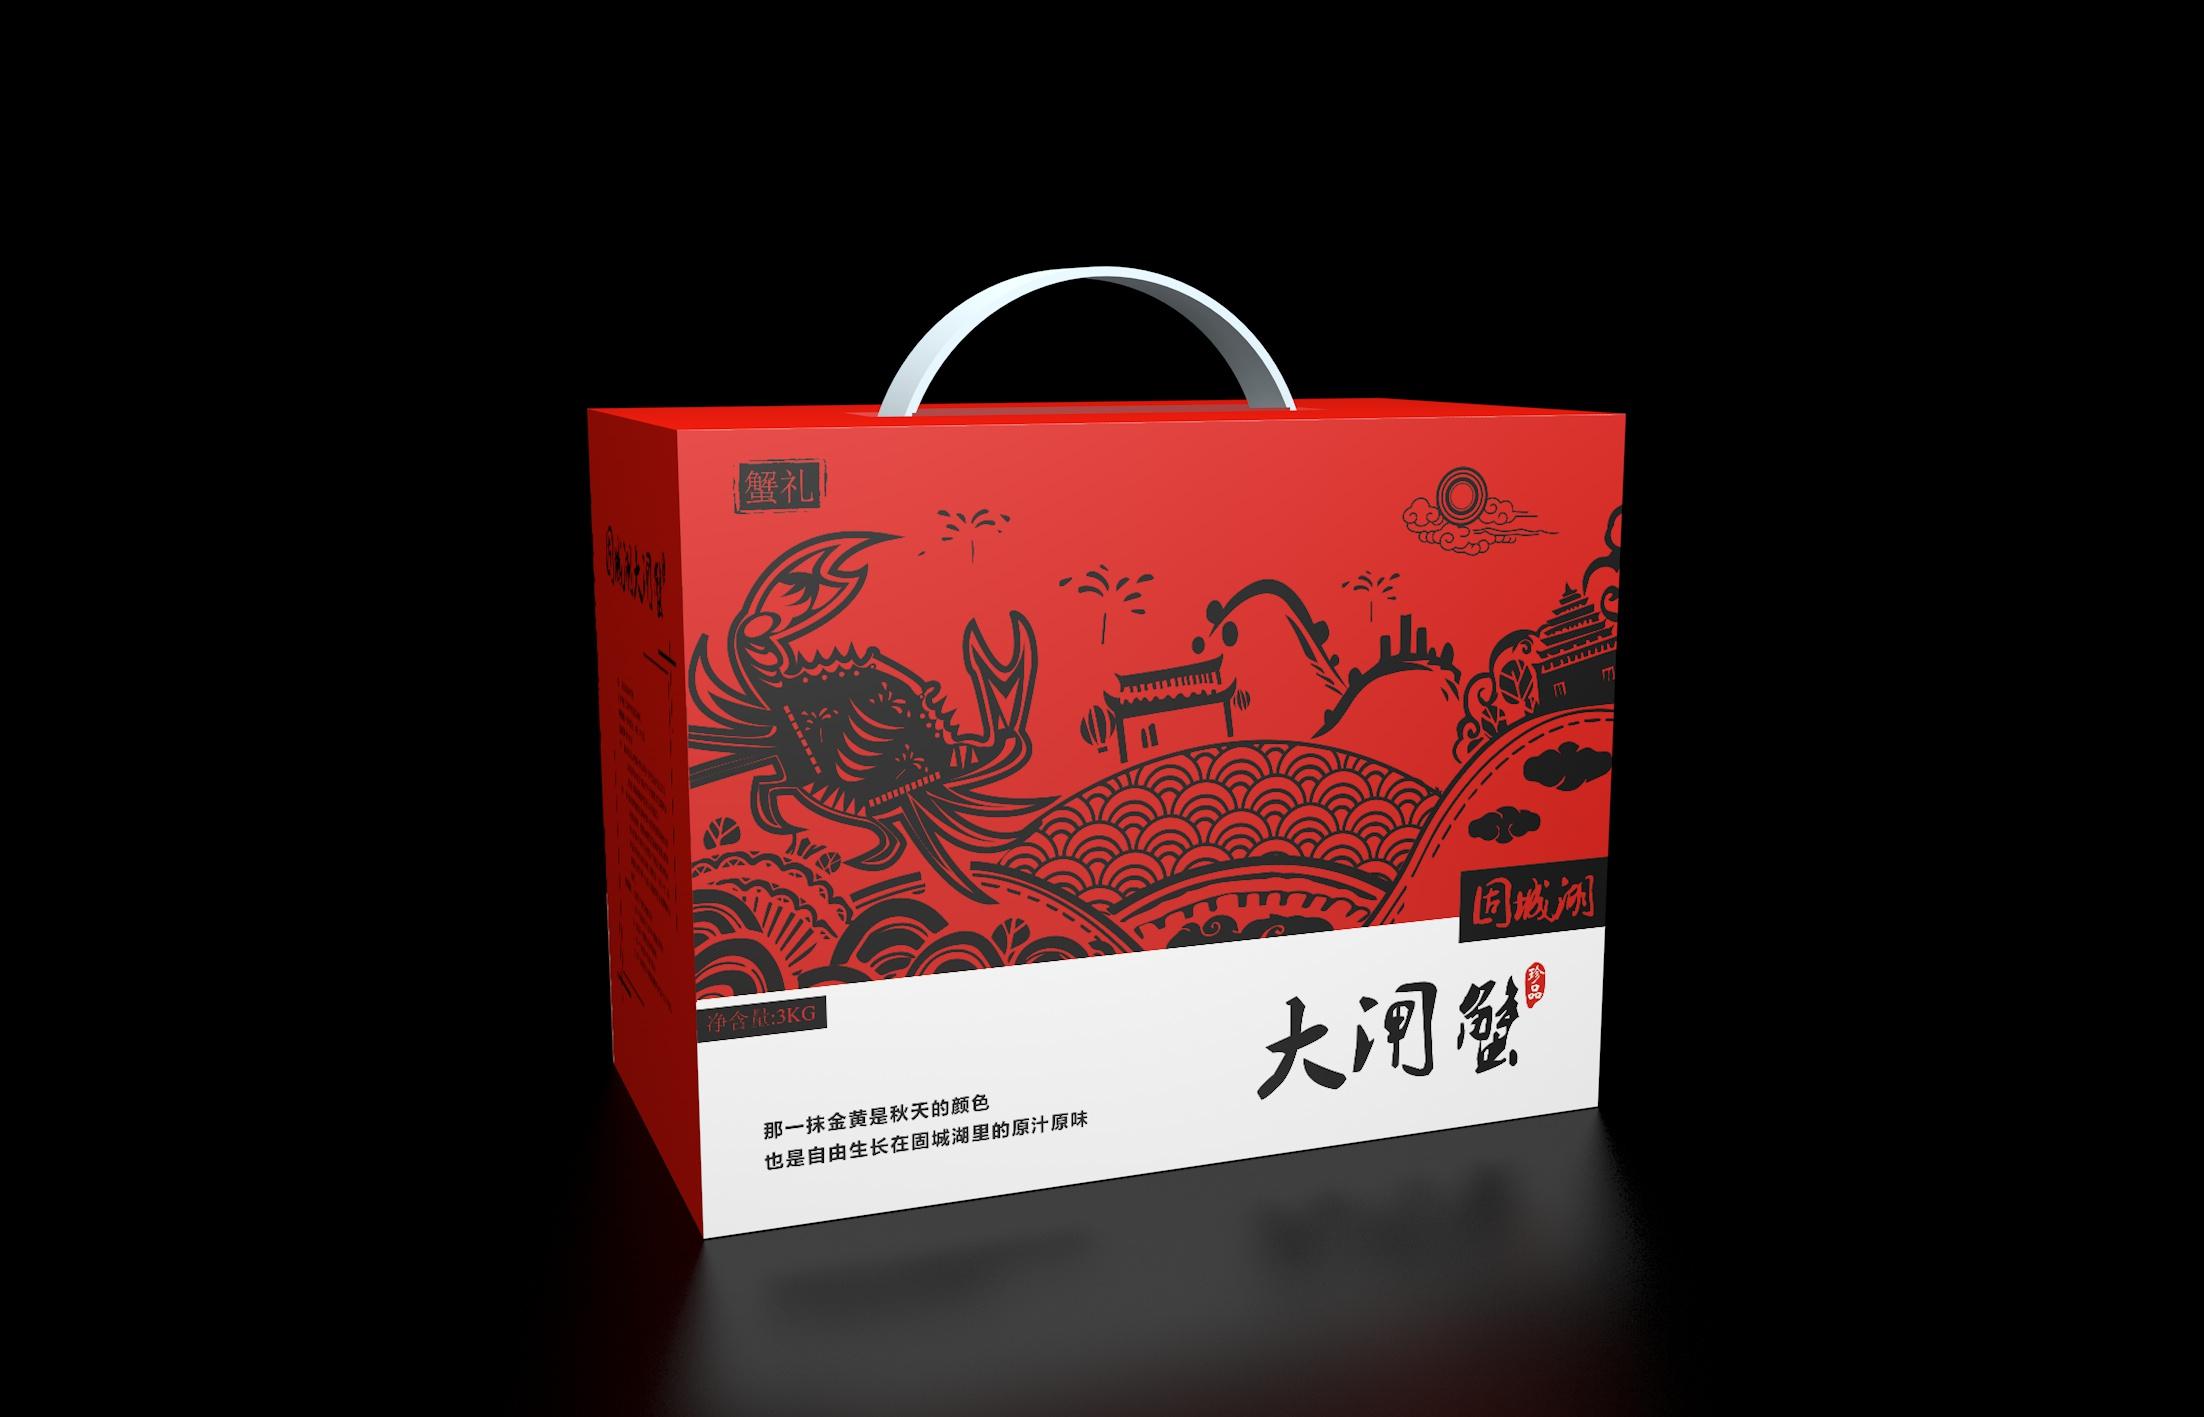 红色大闸蟹手提屋顶包装礼盒设计制作加工定制生产厂家